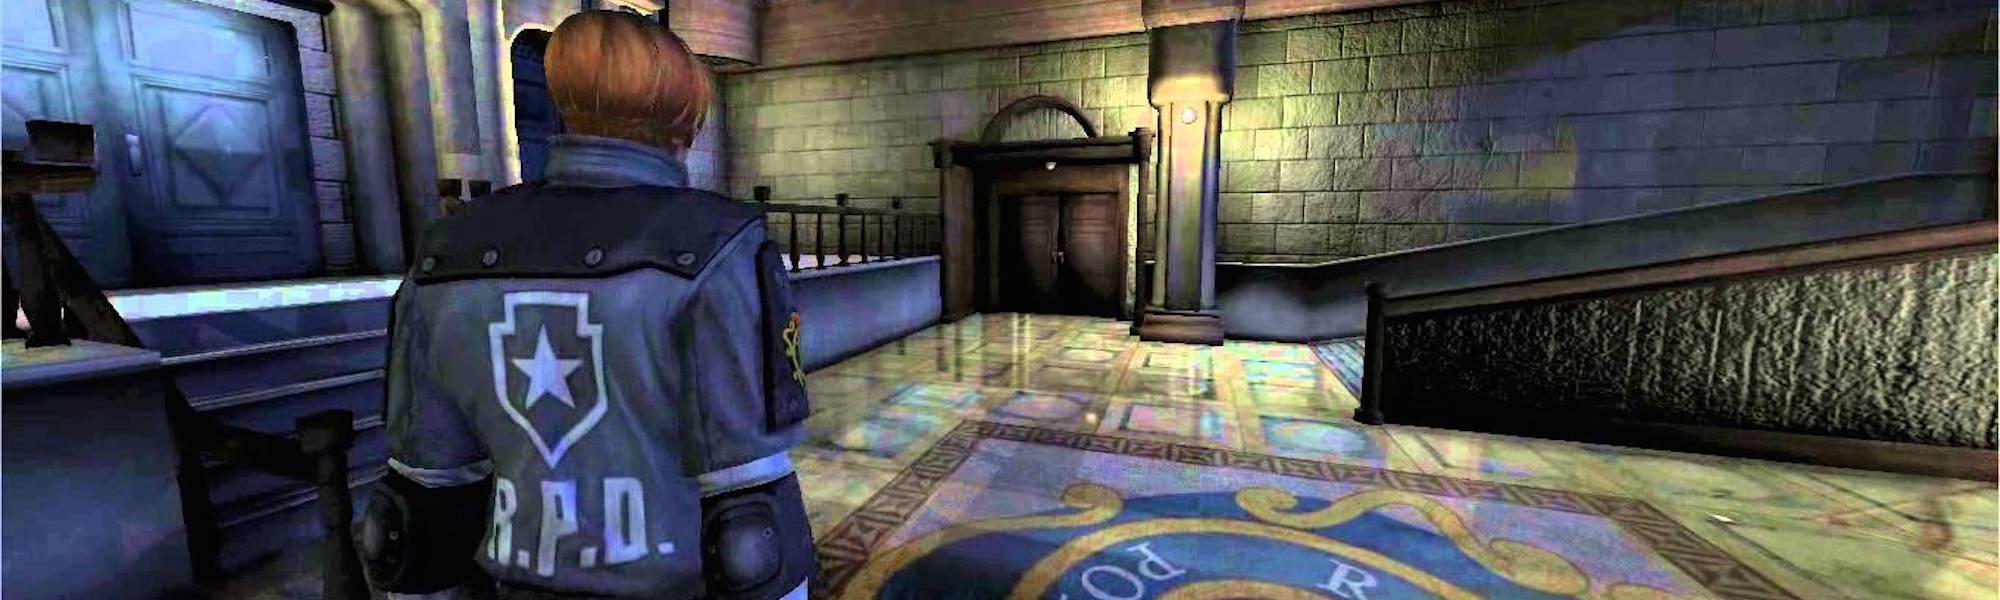 The horror of Resident Evil 2's police station - Kill Screen